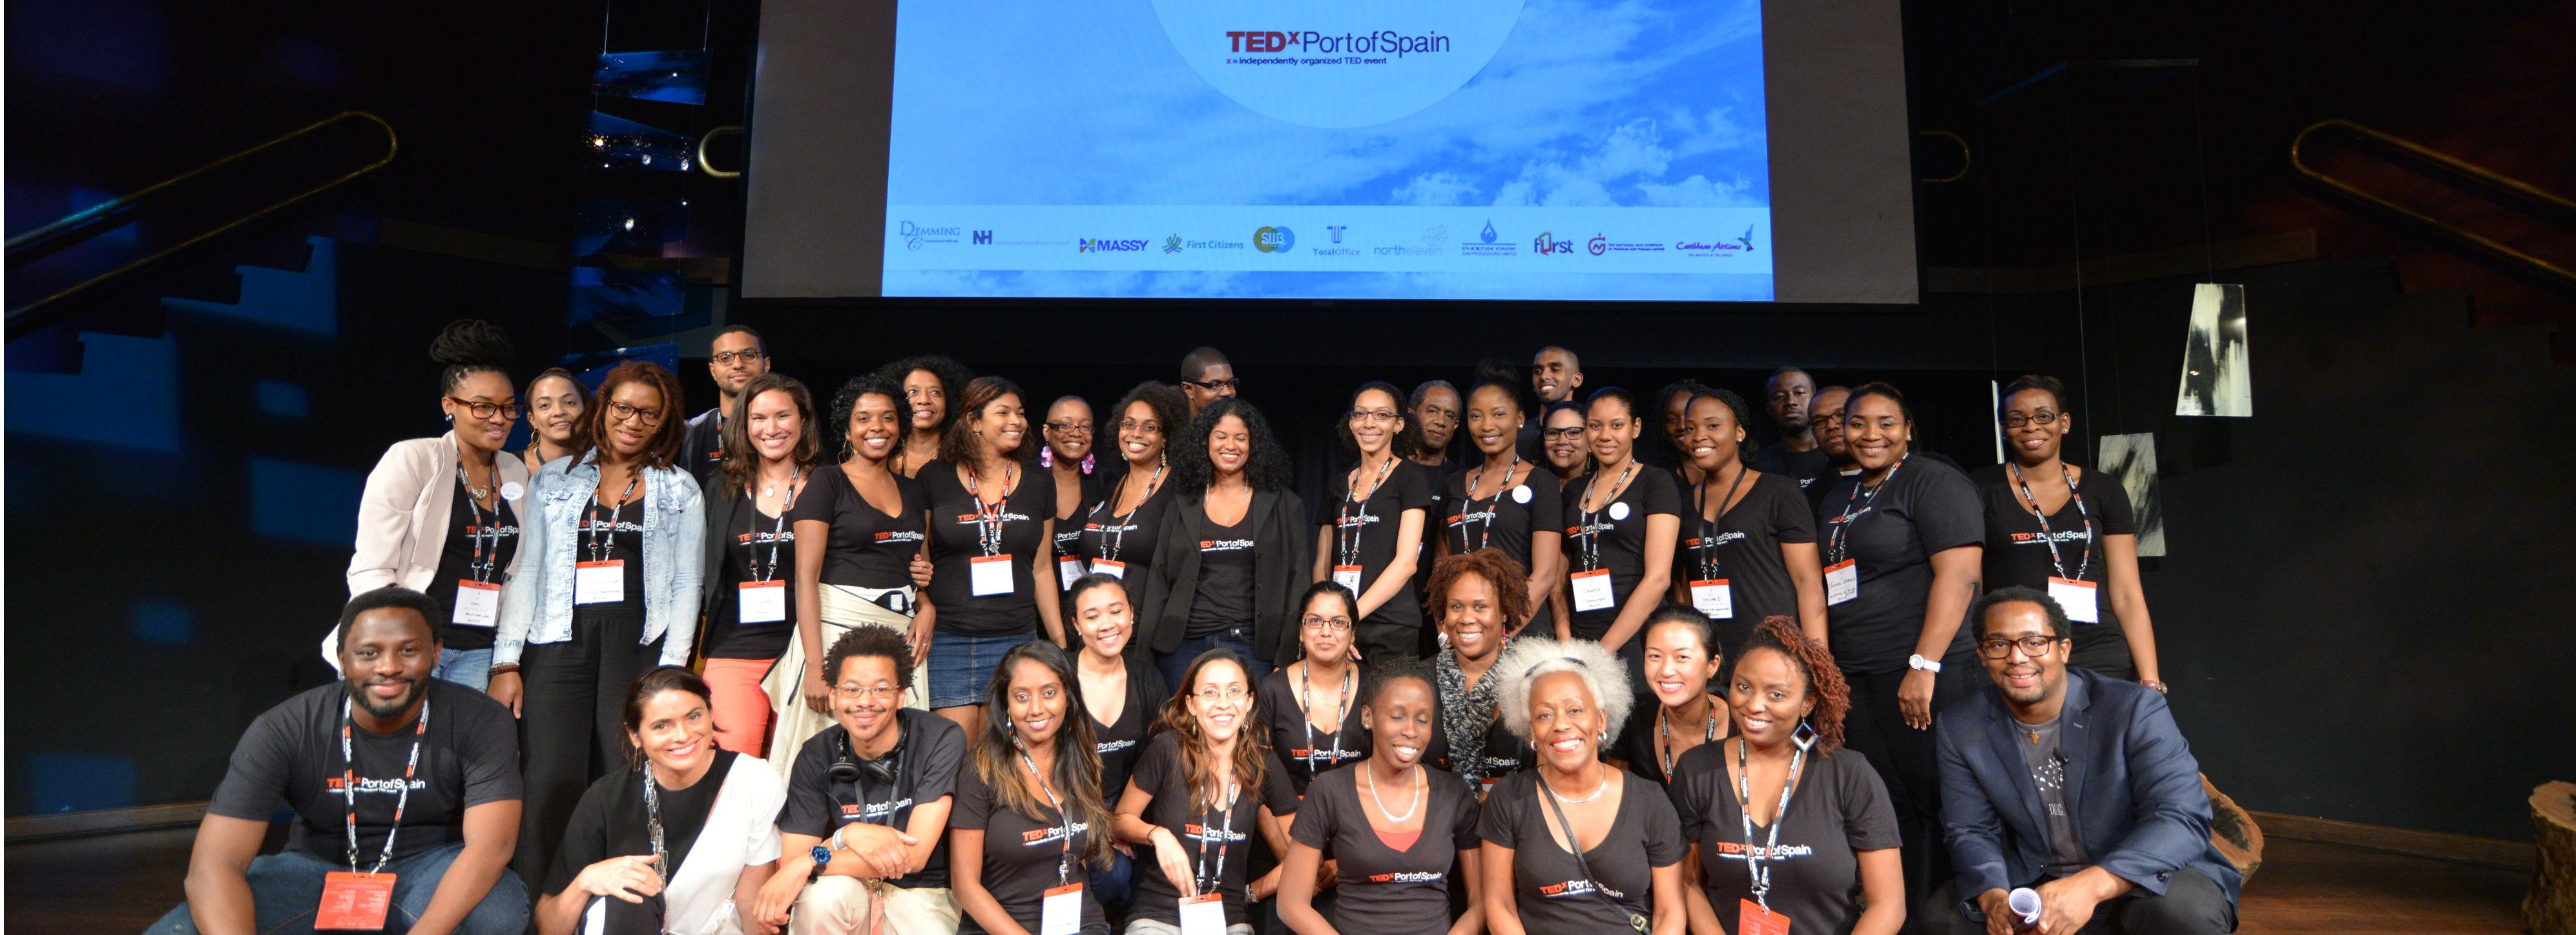 About TEDxPortofSpain